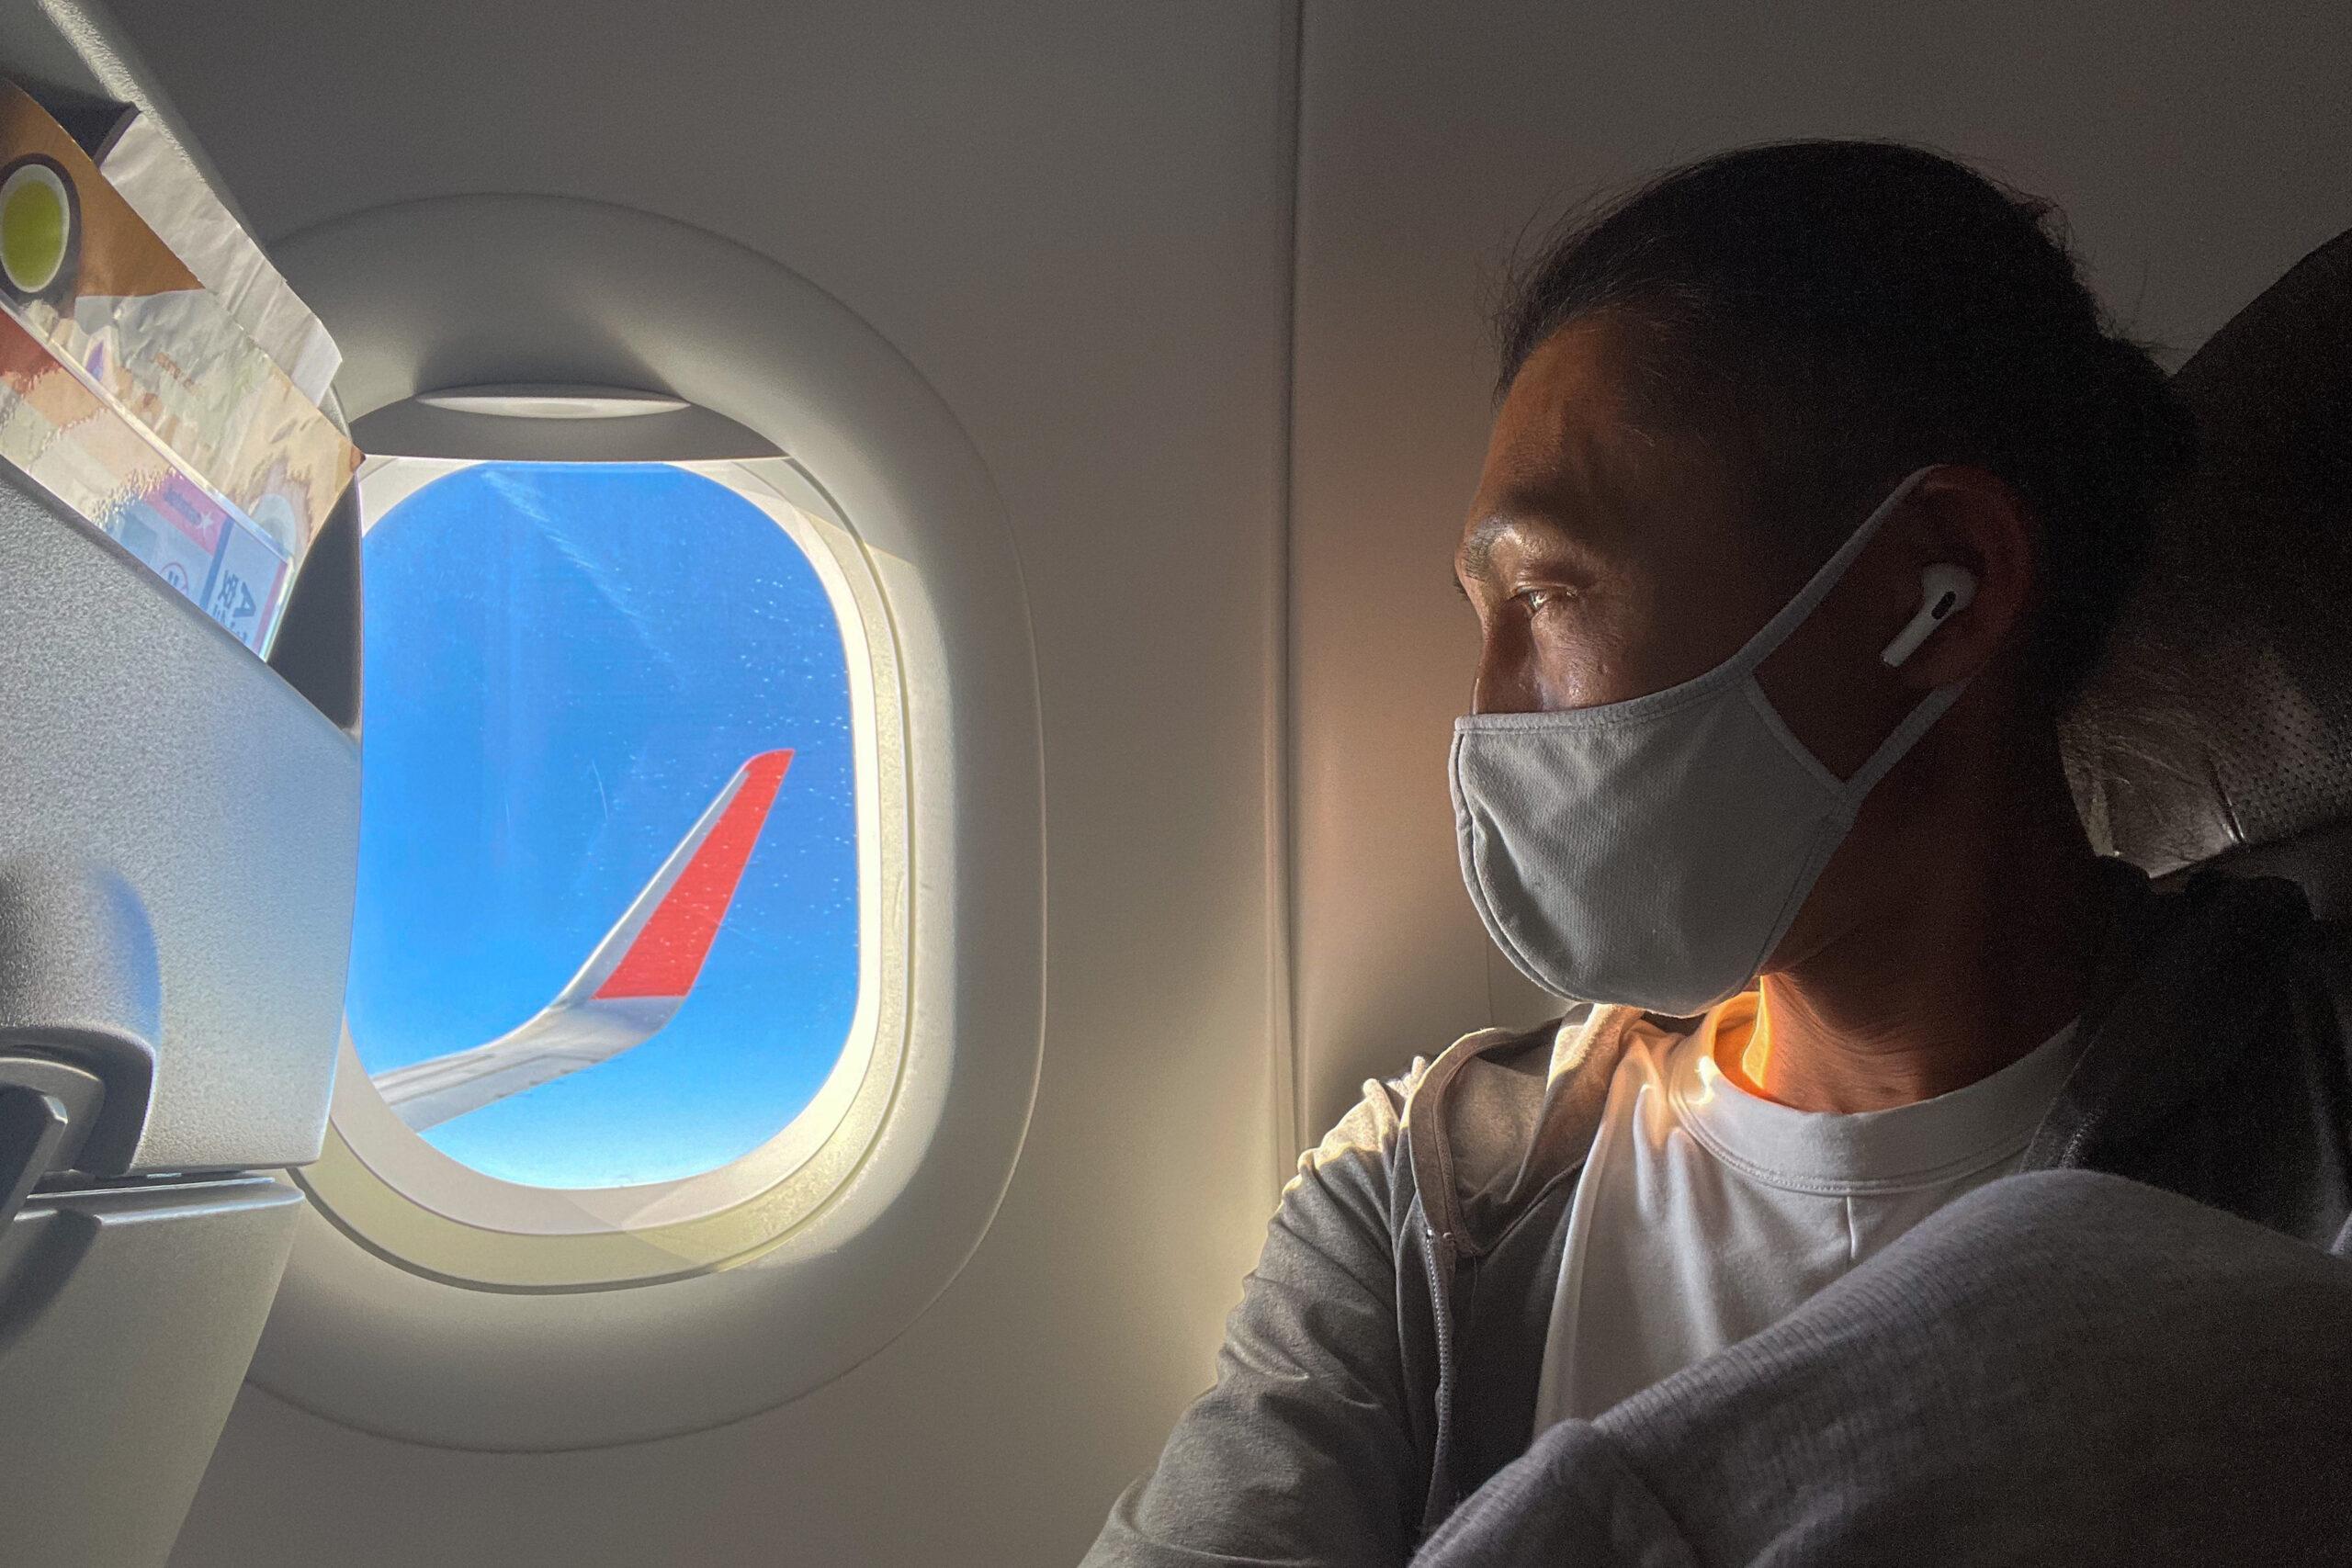 飛行機の中で「耳」を快適に過ごす方法 気圧の変化で耳抜きが出来ない人の耳栓CRESCENDO Fly、機内の音をシャットダウンするノイズキャンセリングイアフォン AirPods Pro